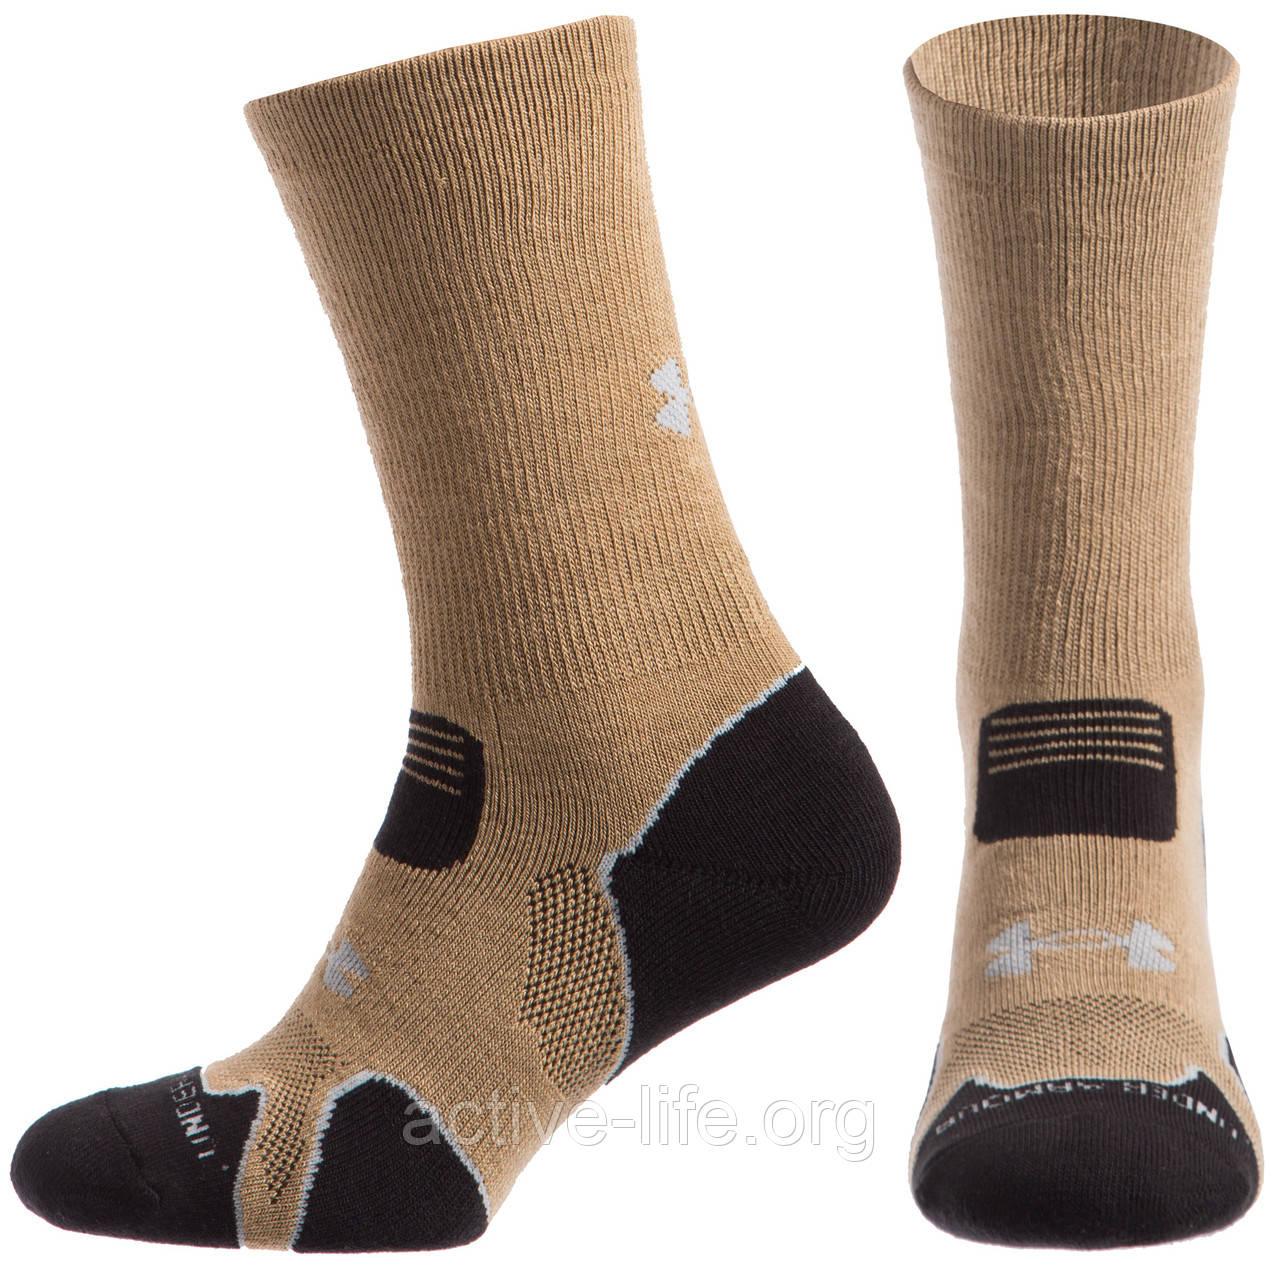 Чоловічі термо шкарпеткиUnder Armour рр. 40-45(Level-1) Coyote, фото 1